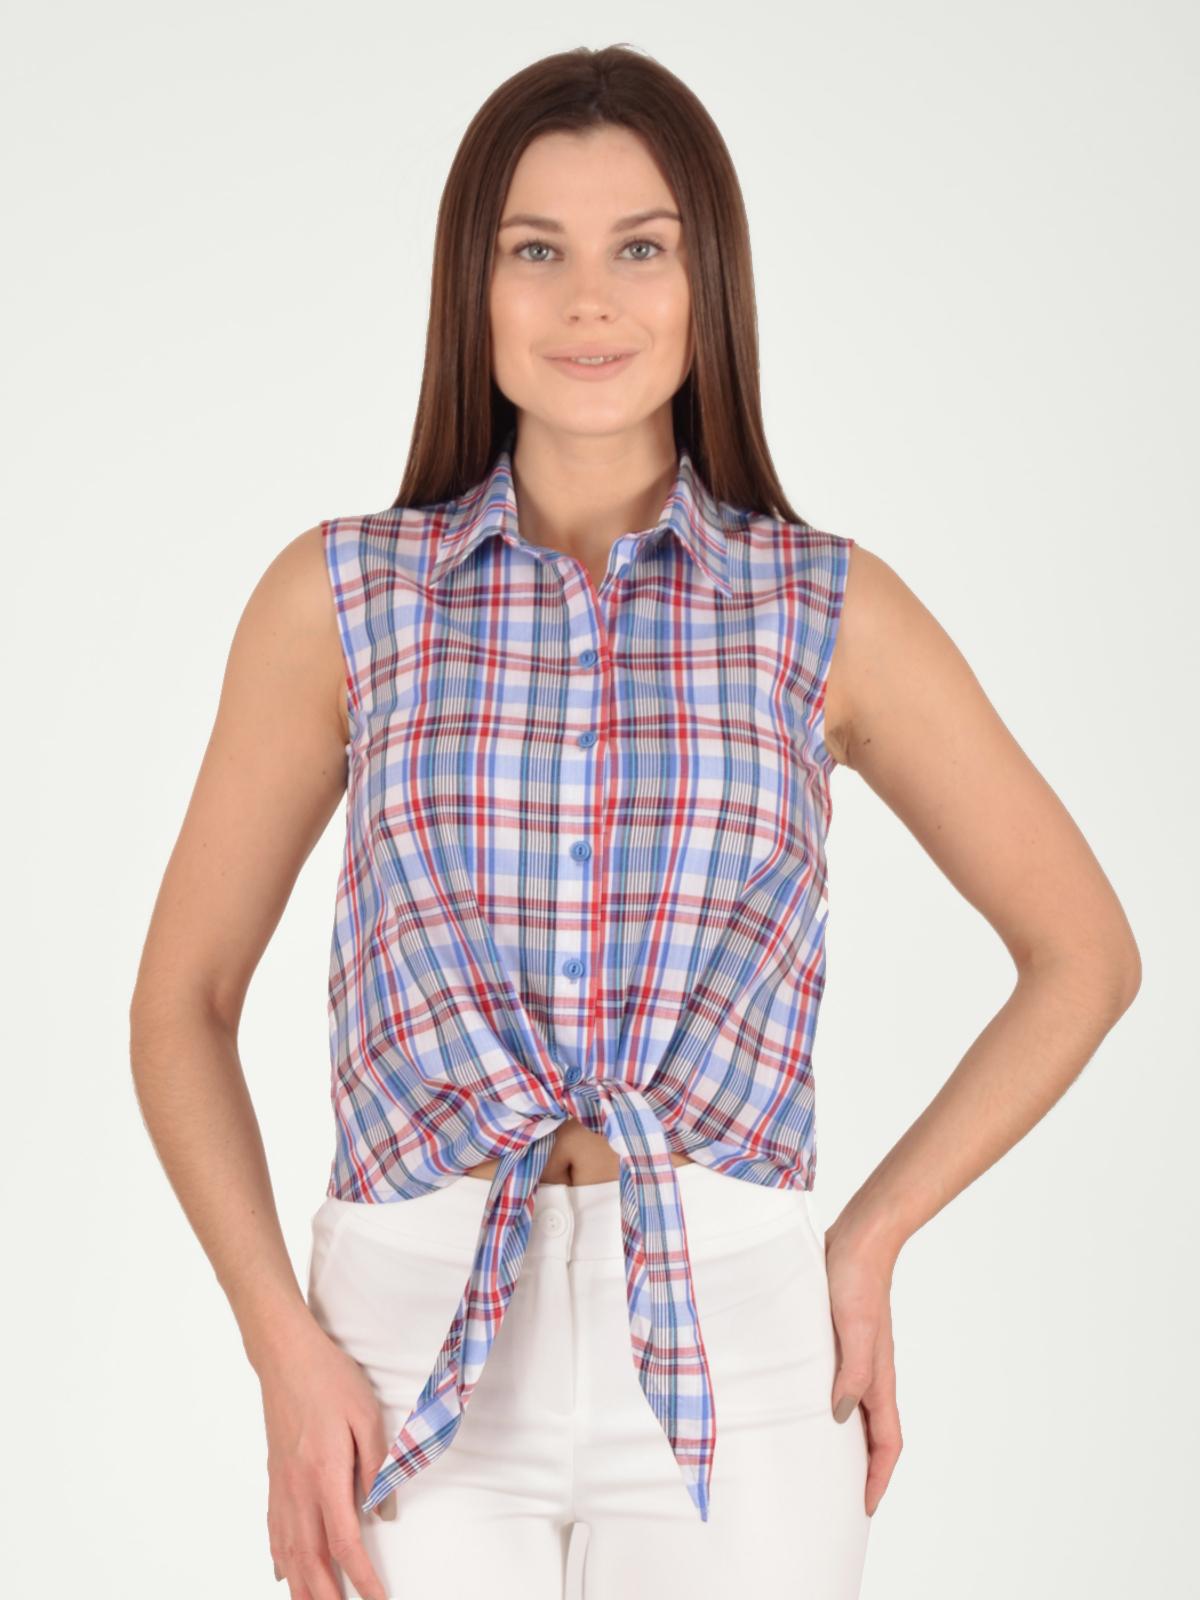 Купить со скидкой Блузка женская из текстиля